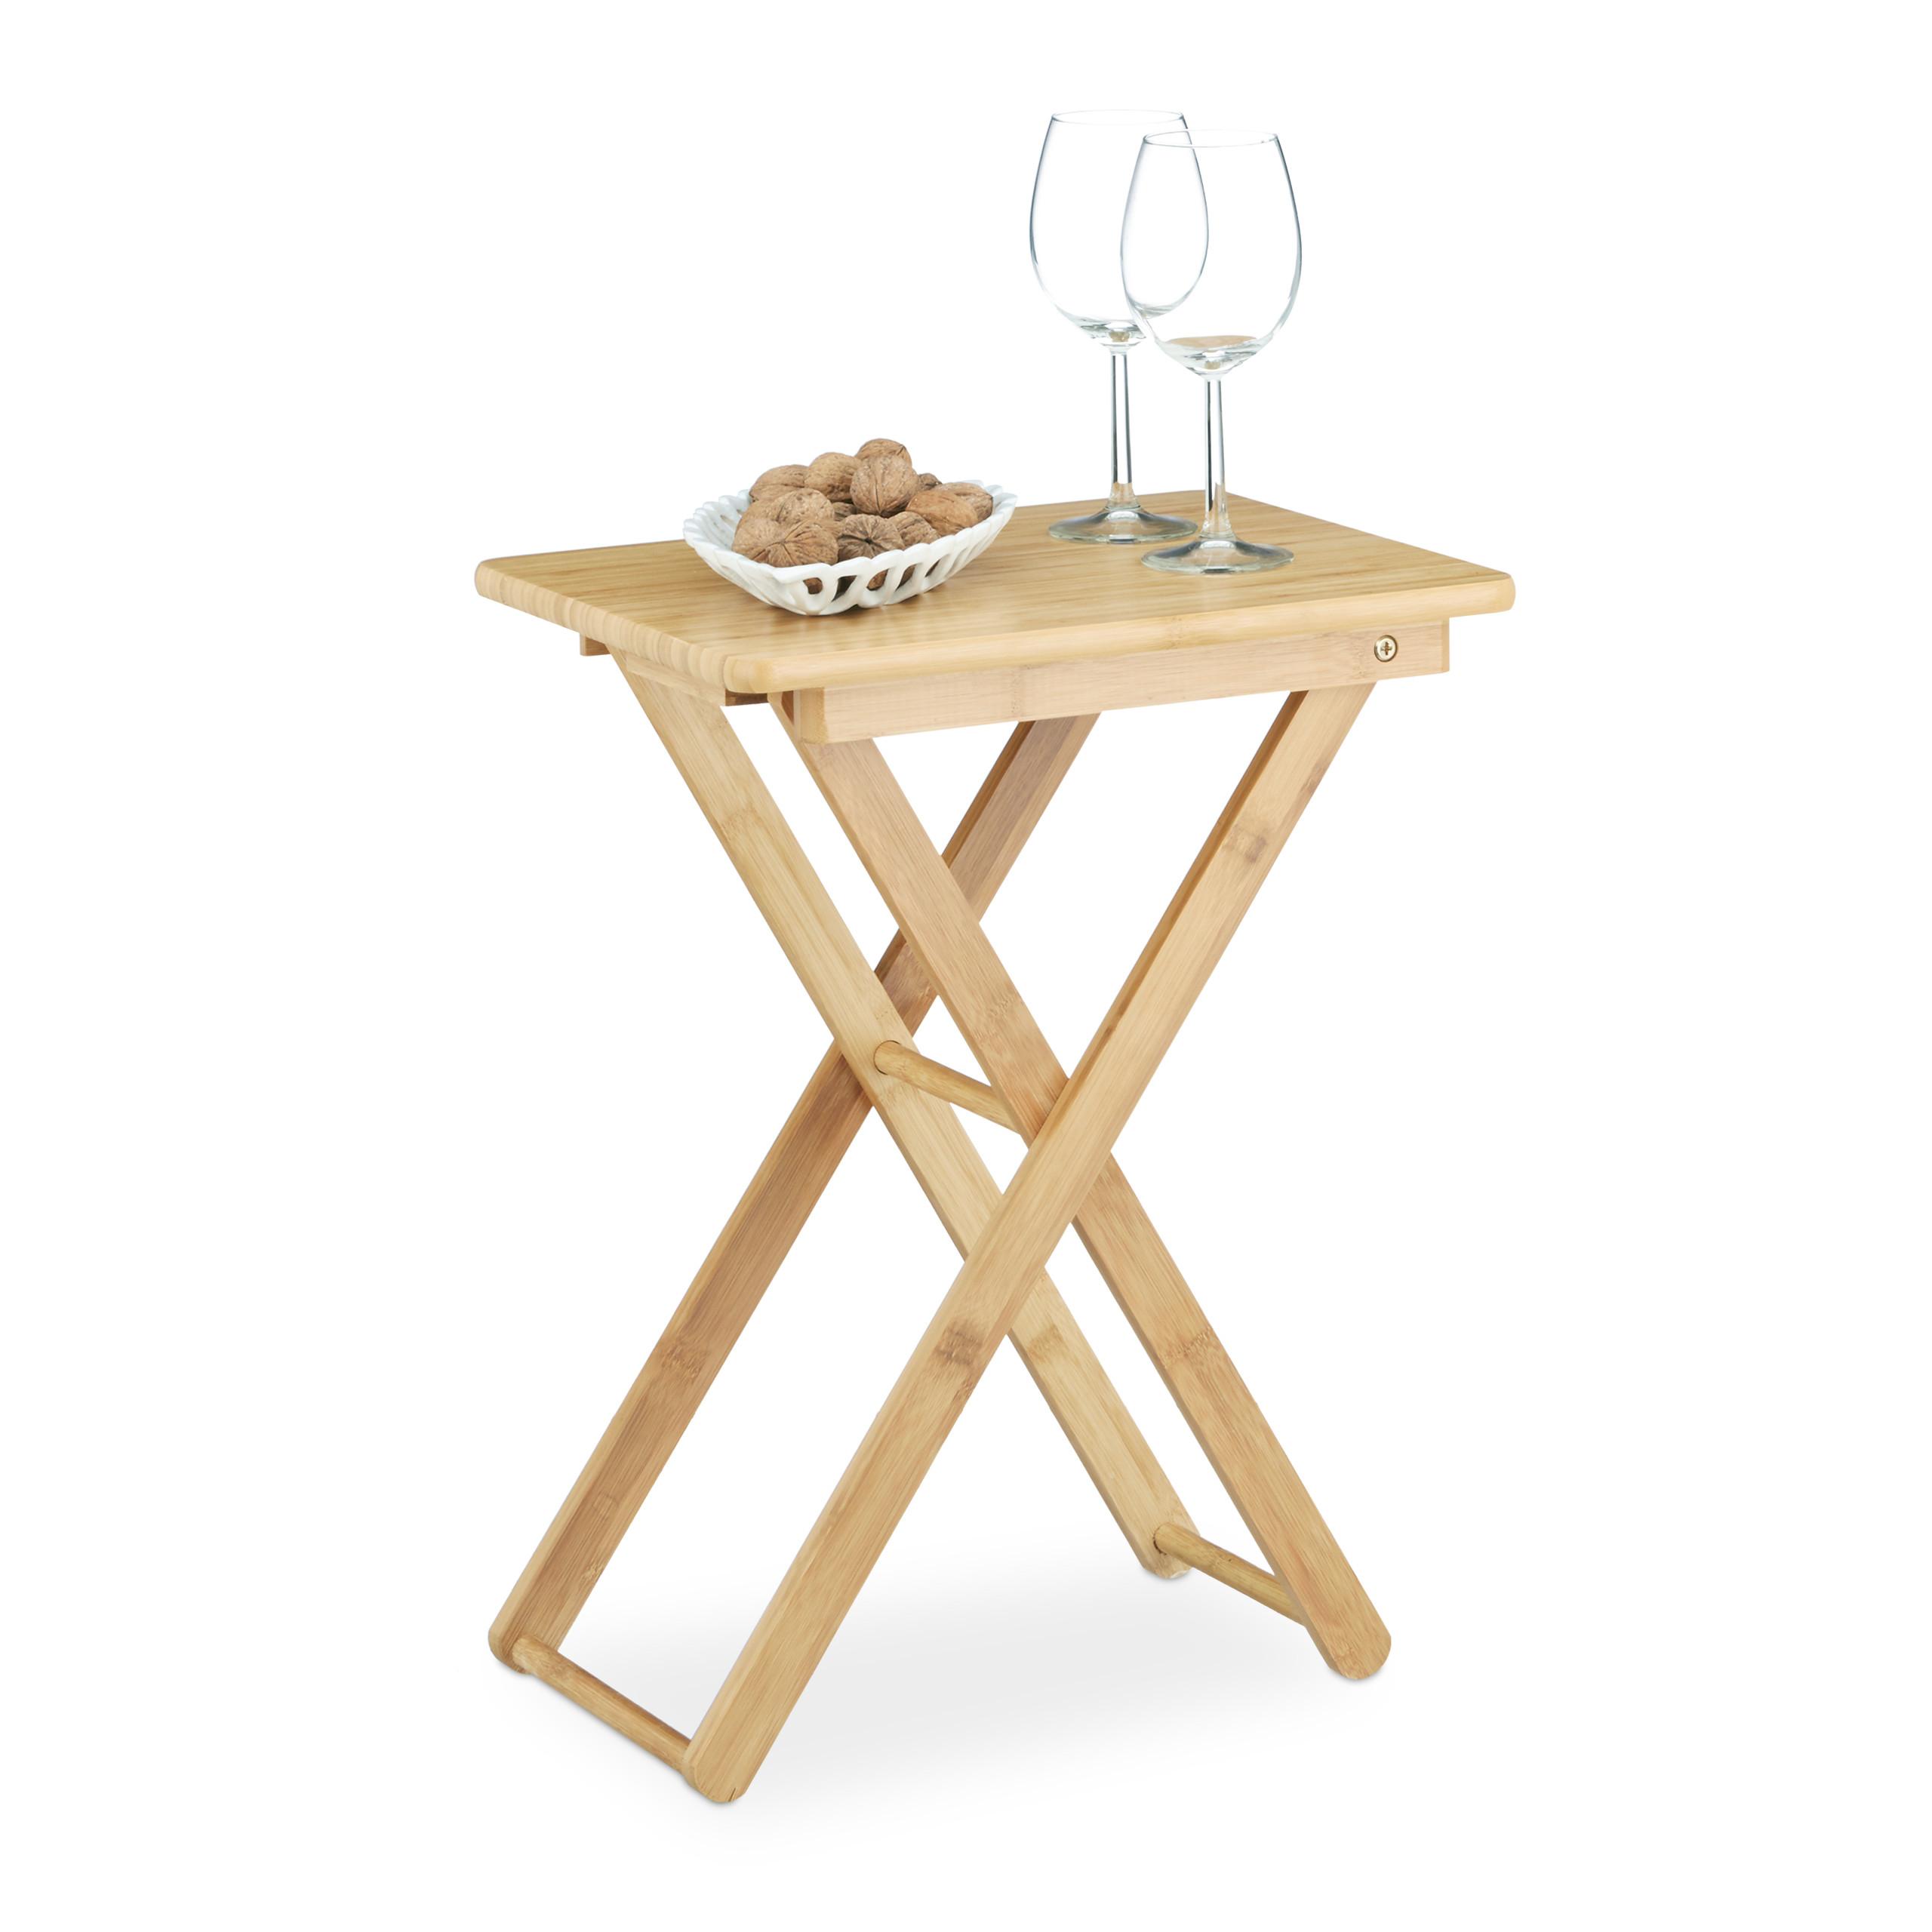 Tisch Zum Klappen : beistelltisch zum klappen bambus falttisch landhausstil gartentisch balkon tisch ebay ~ A.2002-acura-tl-radio.info Haus und Dekorationen